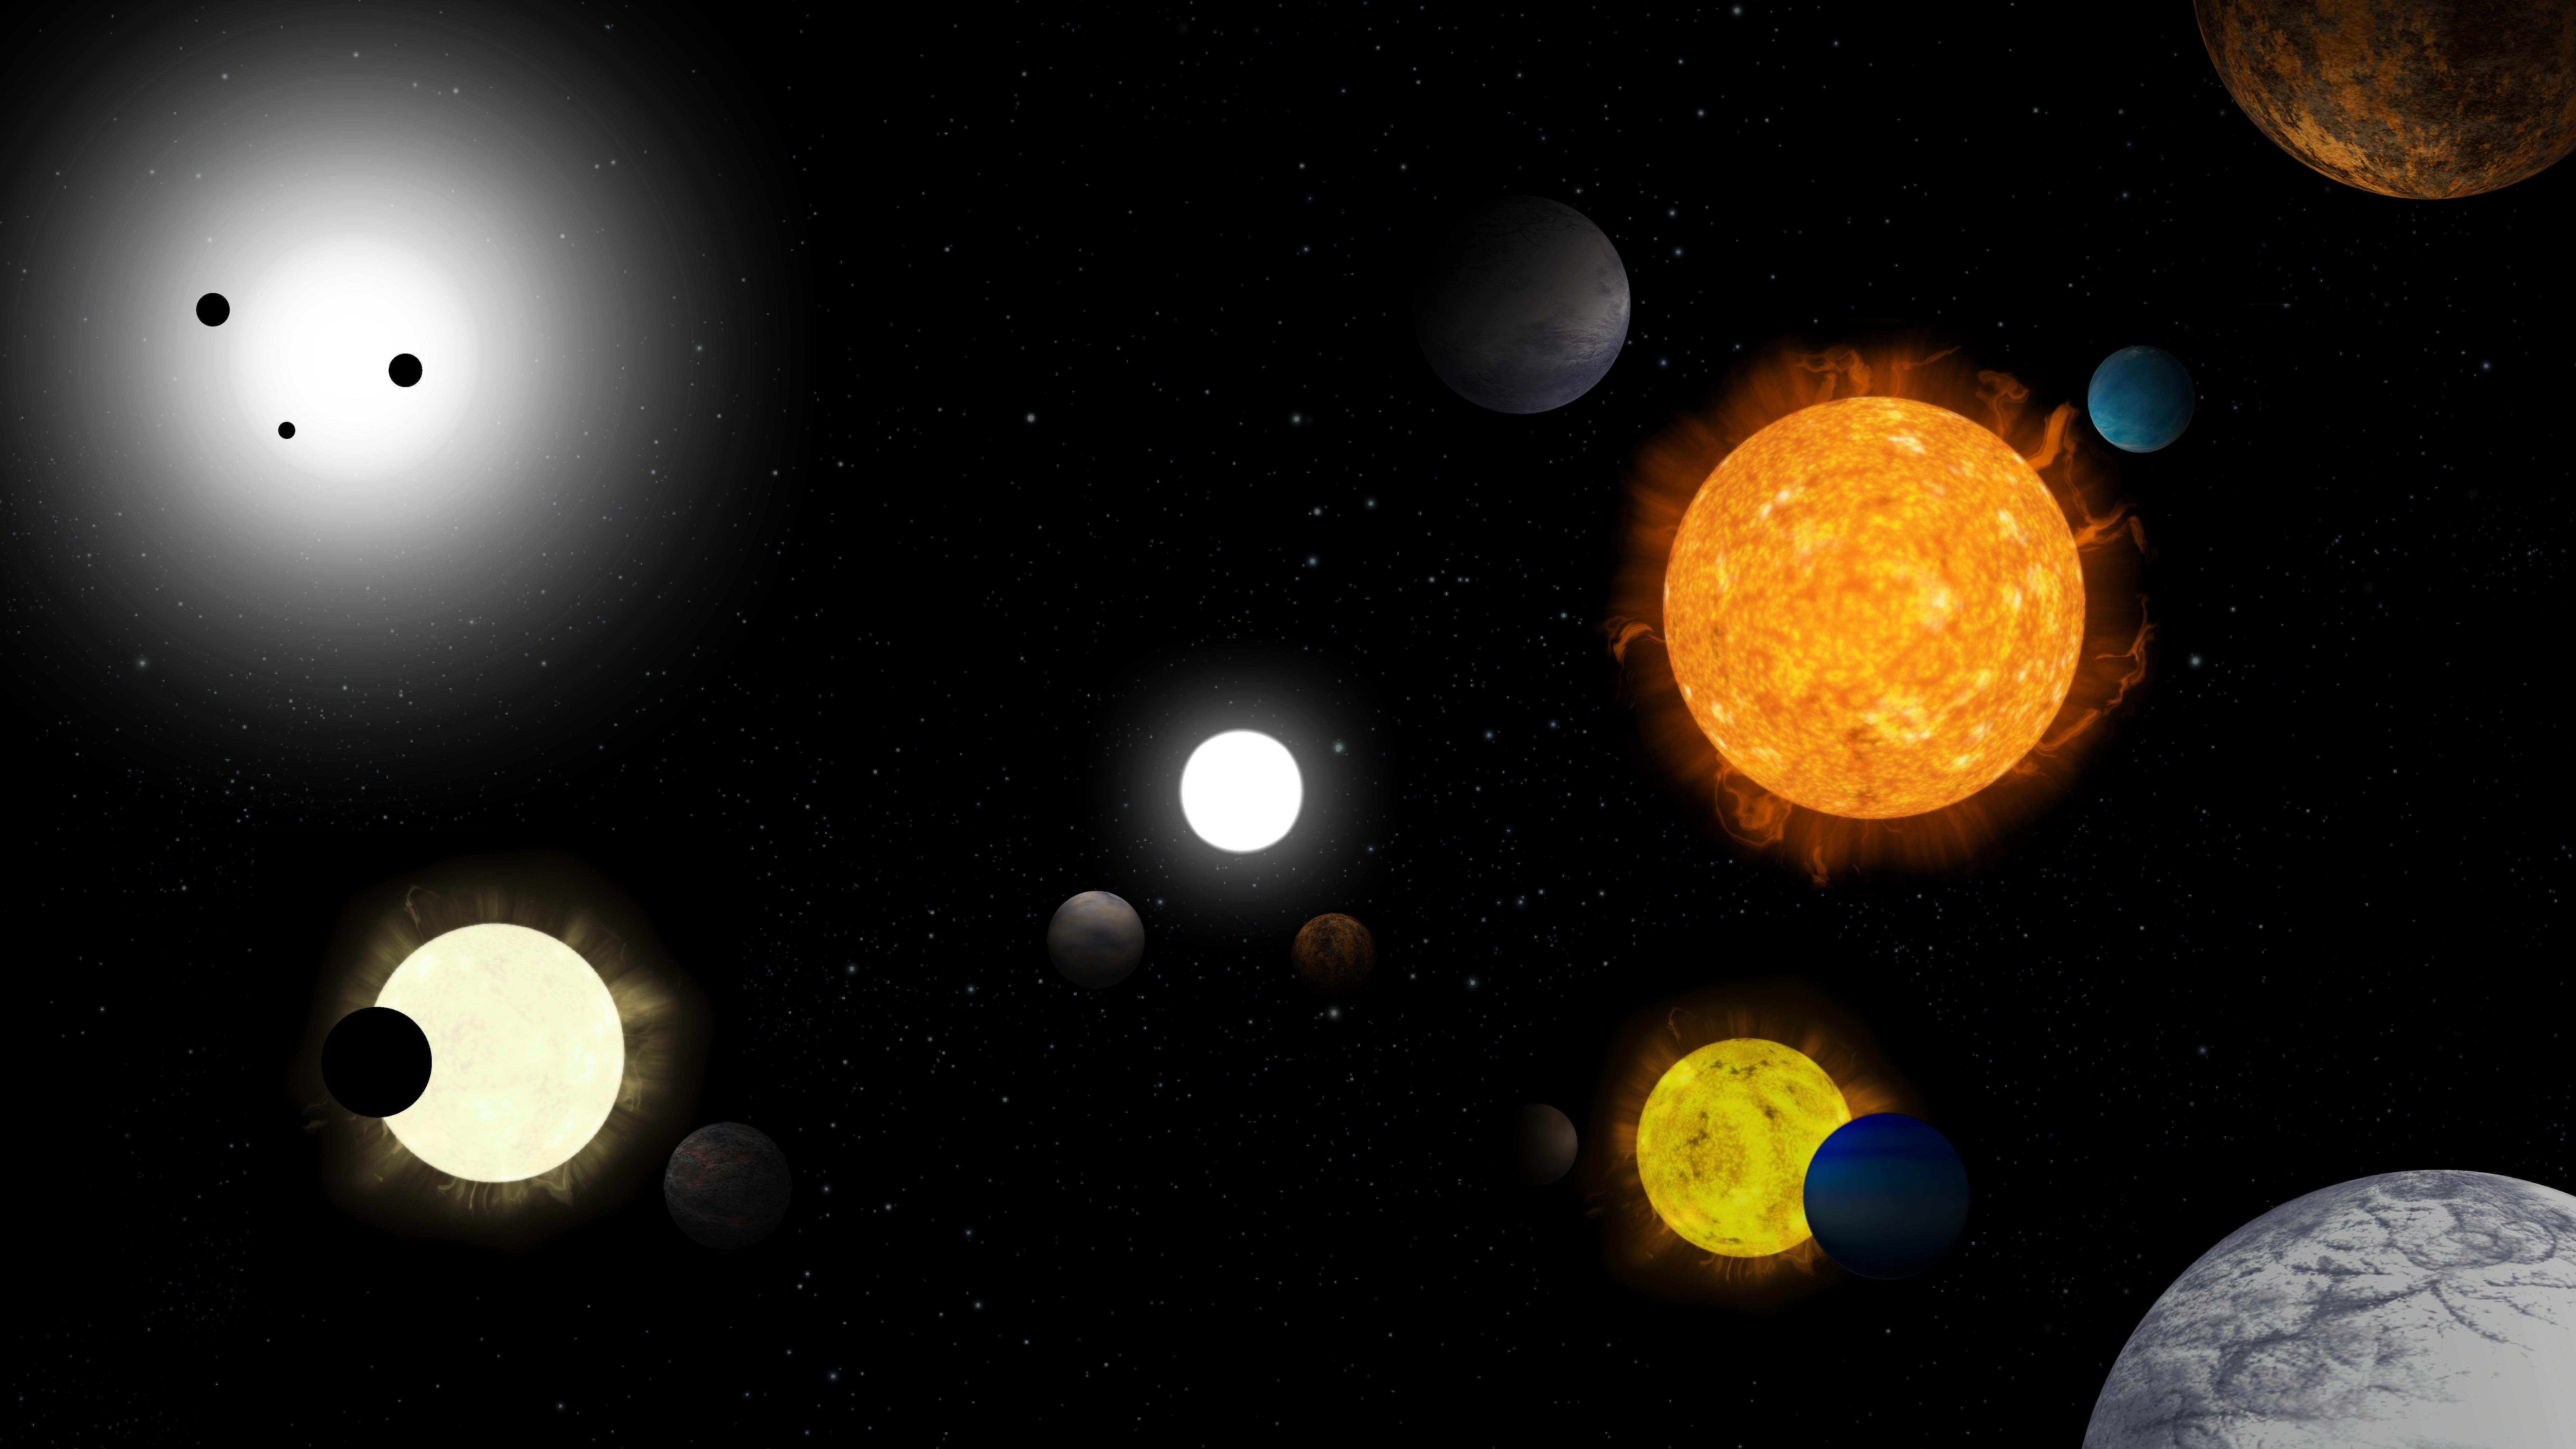 1567214023920-CHEOPS_Exoplanet_imaginarium_8k.jpg